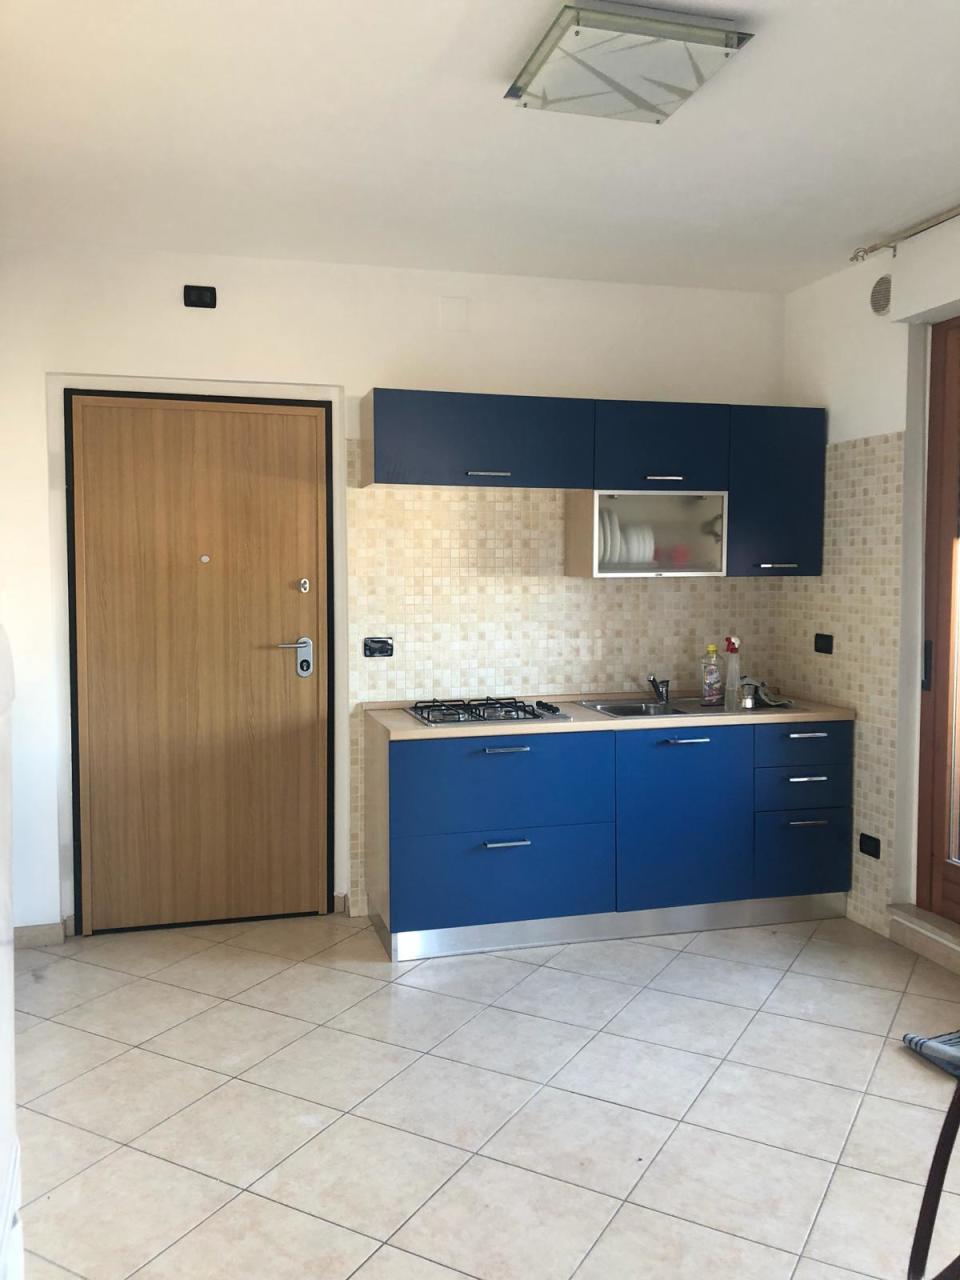 Appartamento - Bilocale a Porta Nuova, Pescara